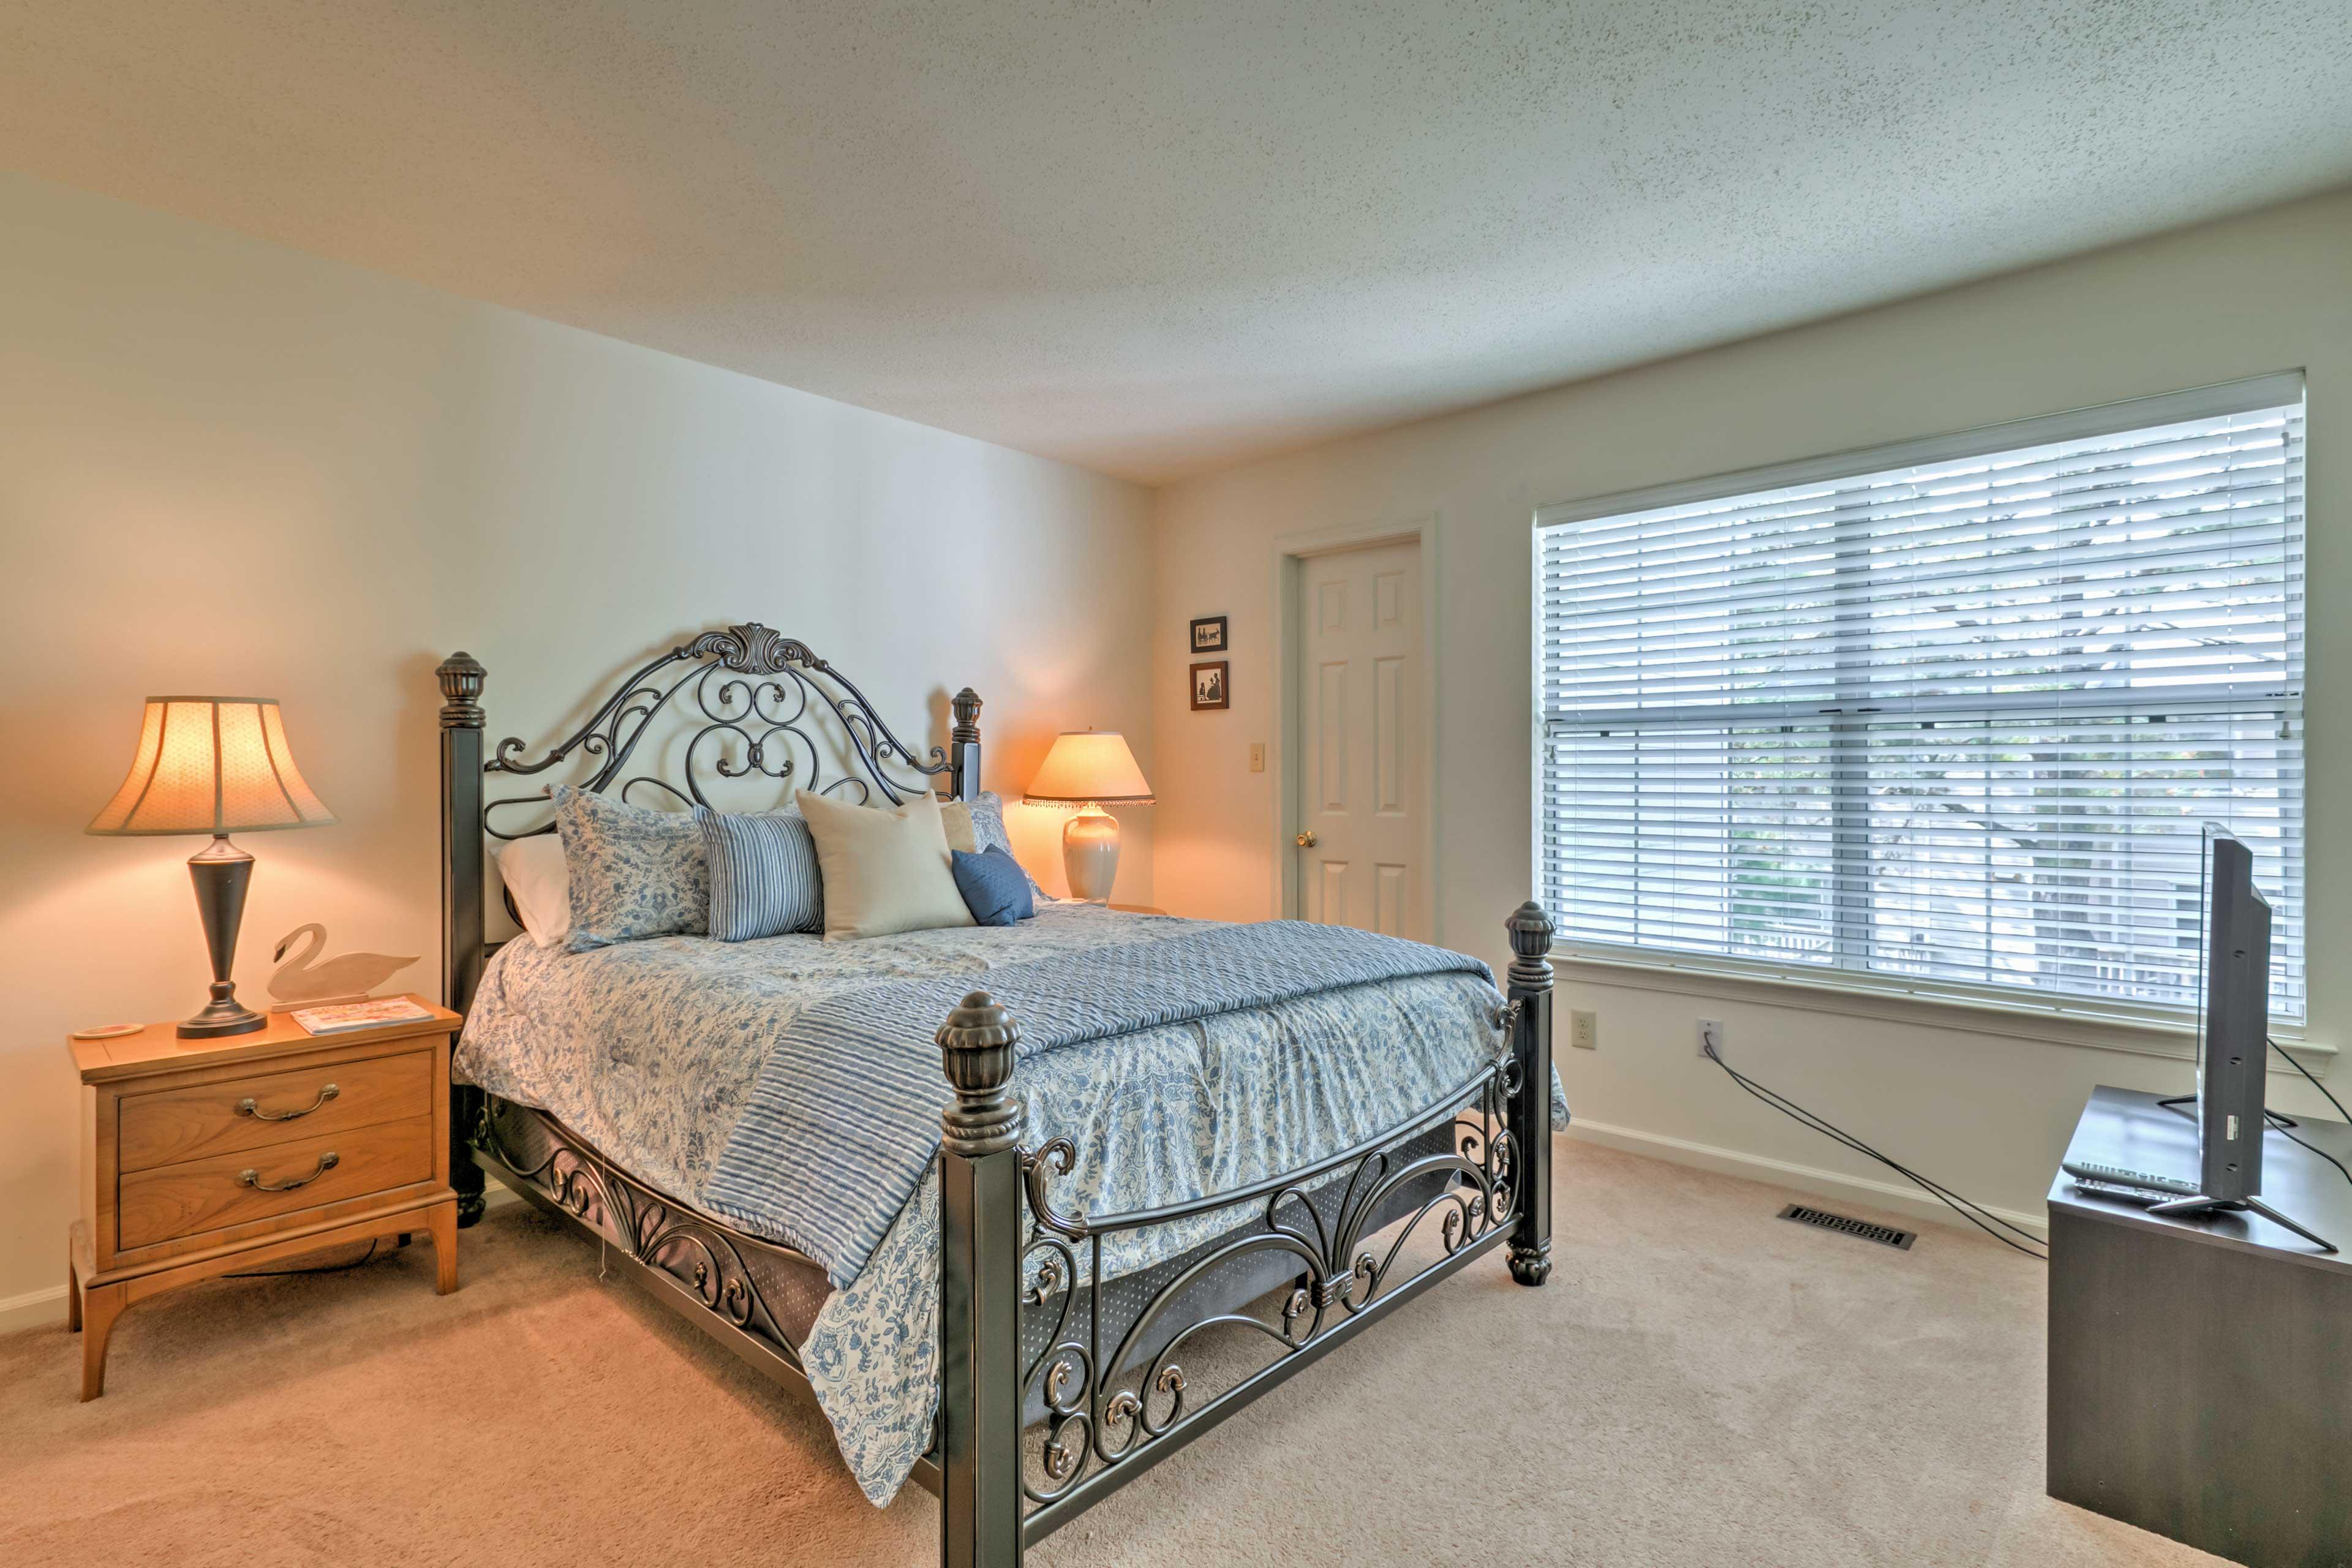 Savor uninterrupted nights of sleep in the cozy master bedroom.